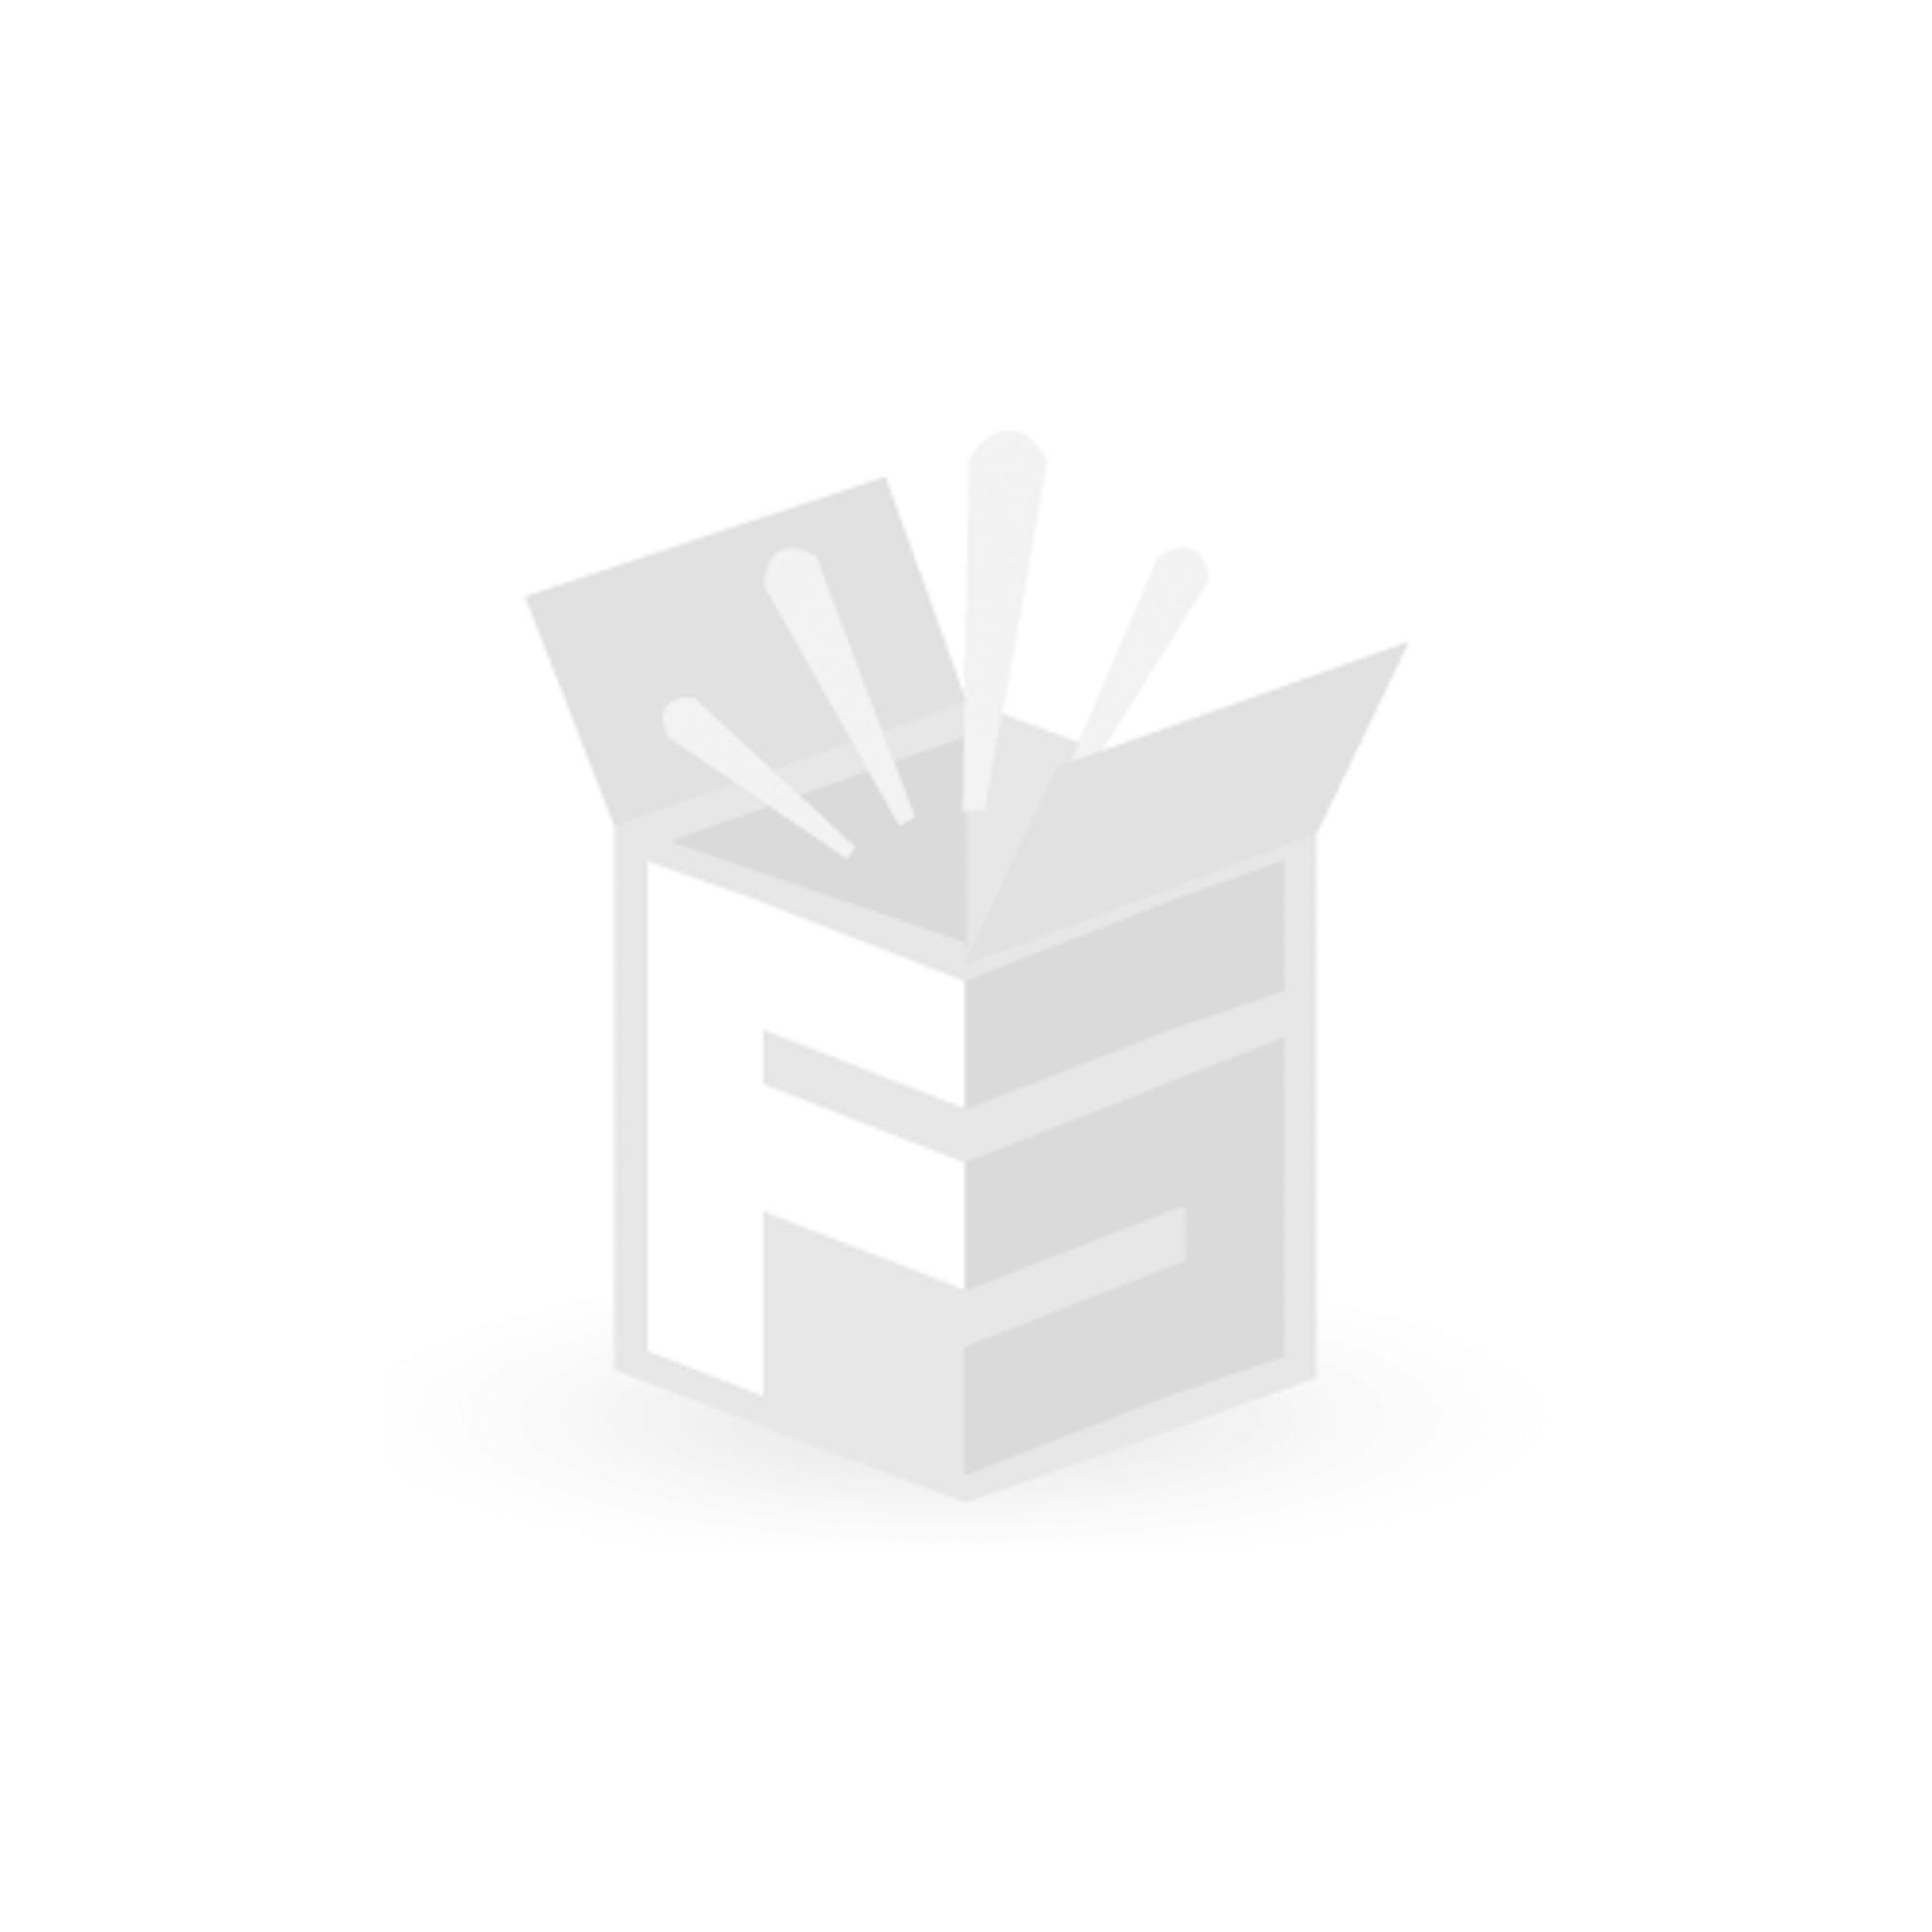 Kibernetik Stecker 1x T23, 3-polig